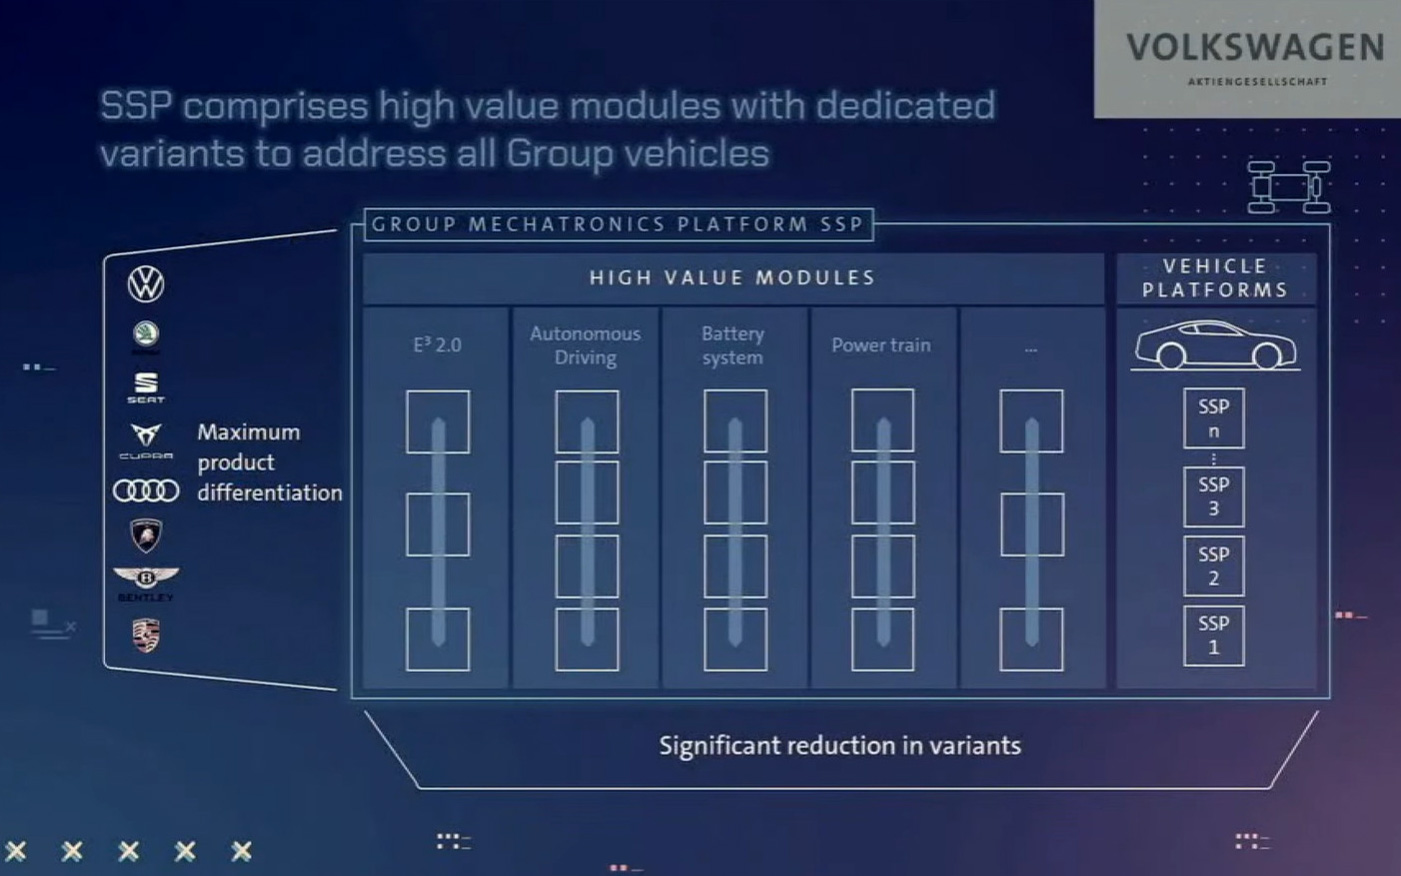 SSPをベースに、ソフトウエア、バッテリー、パワートレーンなどを組み合わせて自動車を設計する